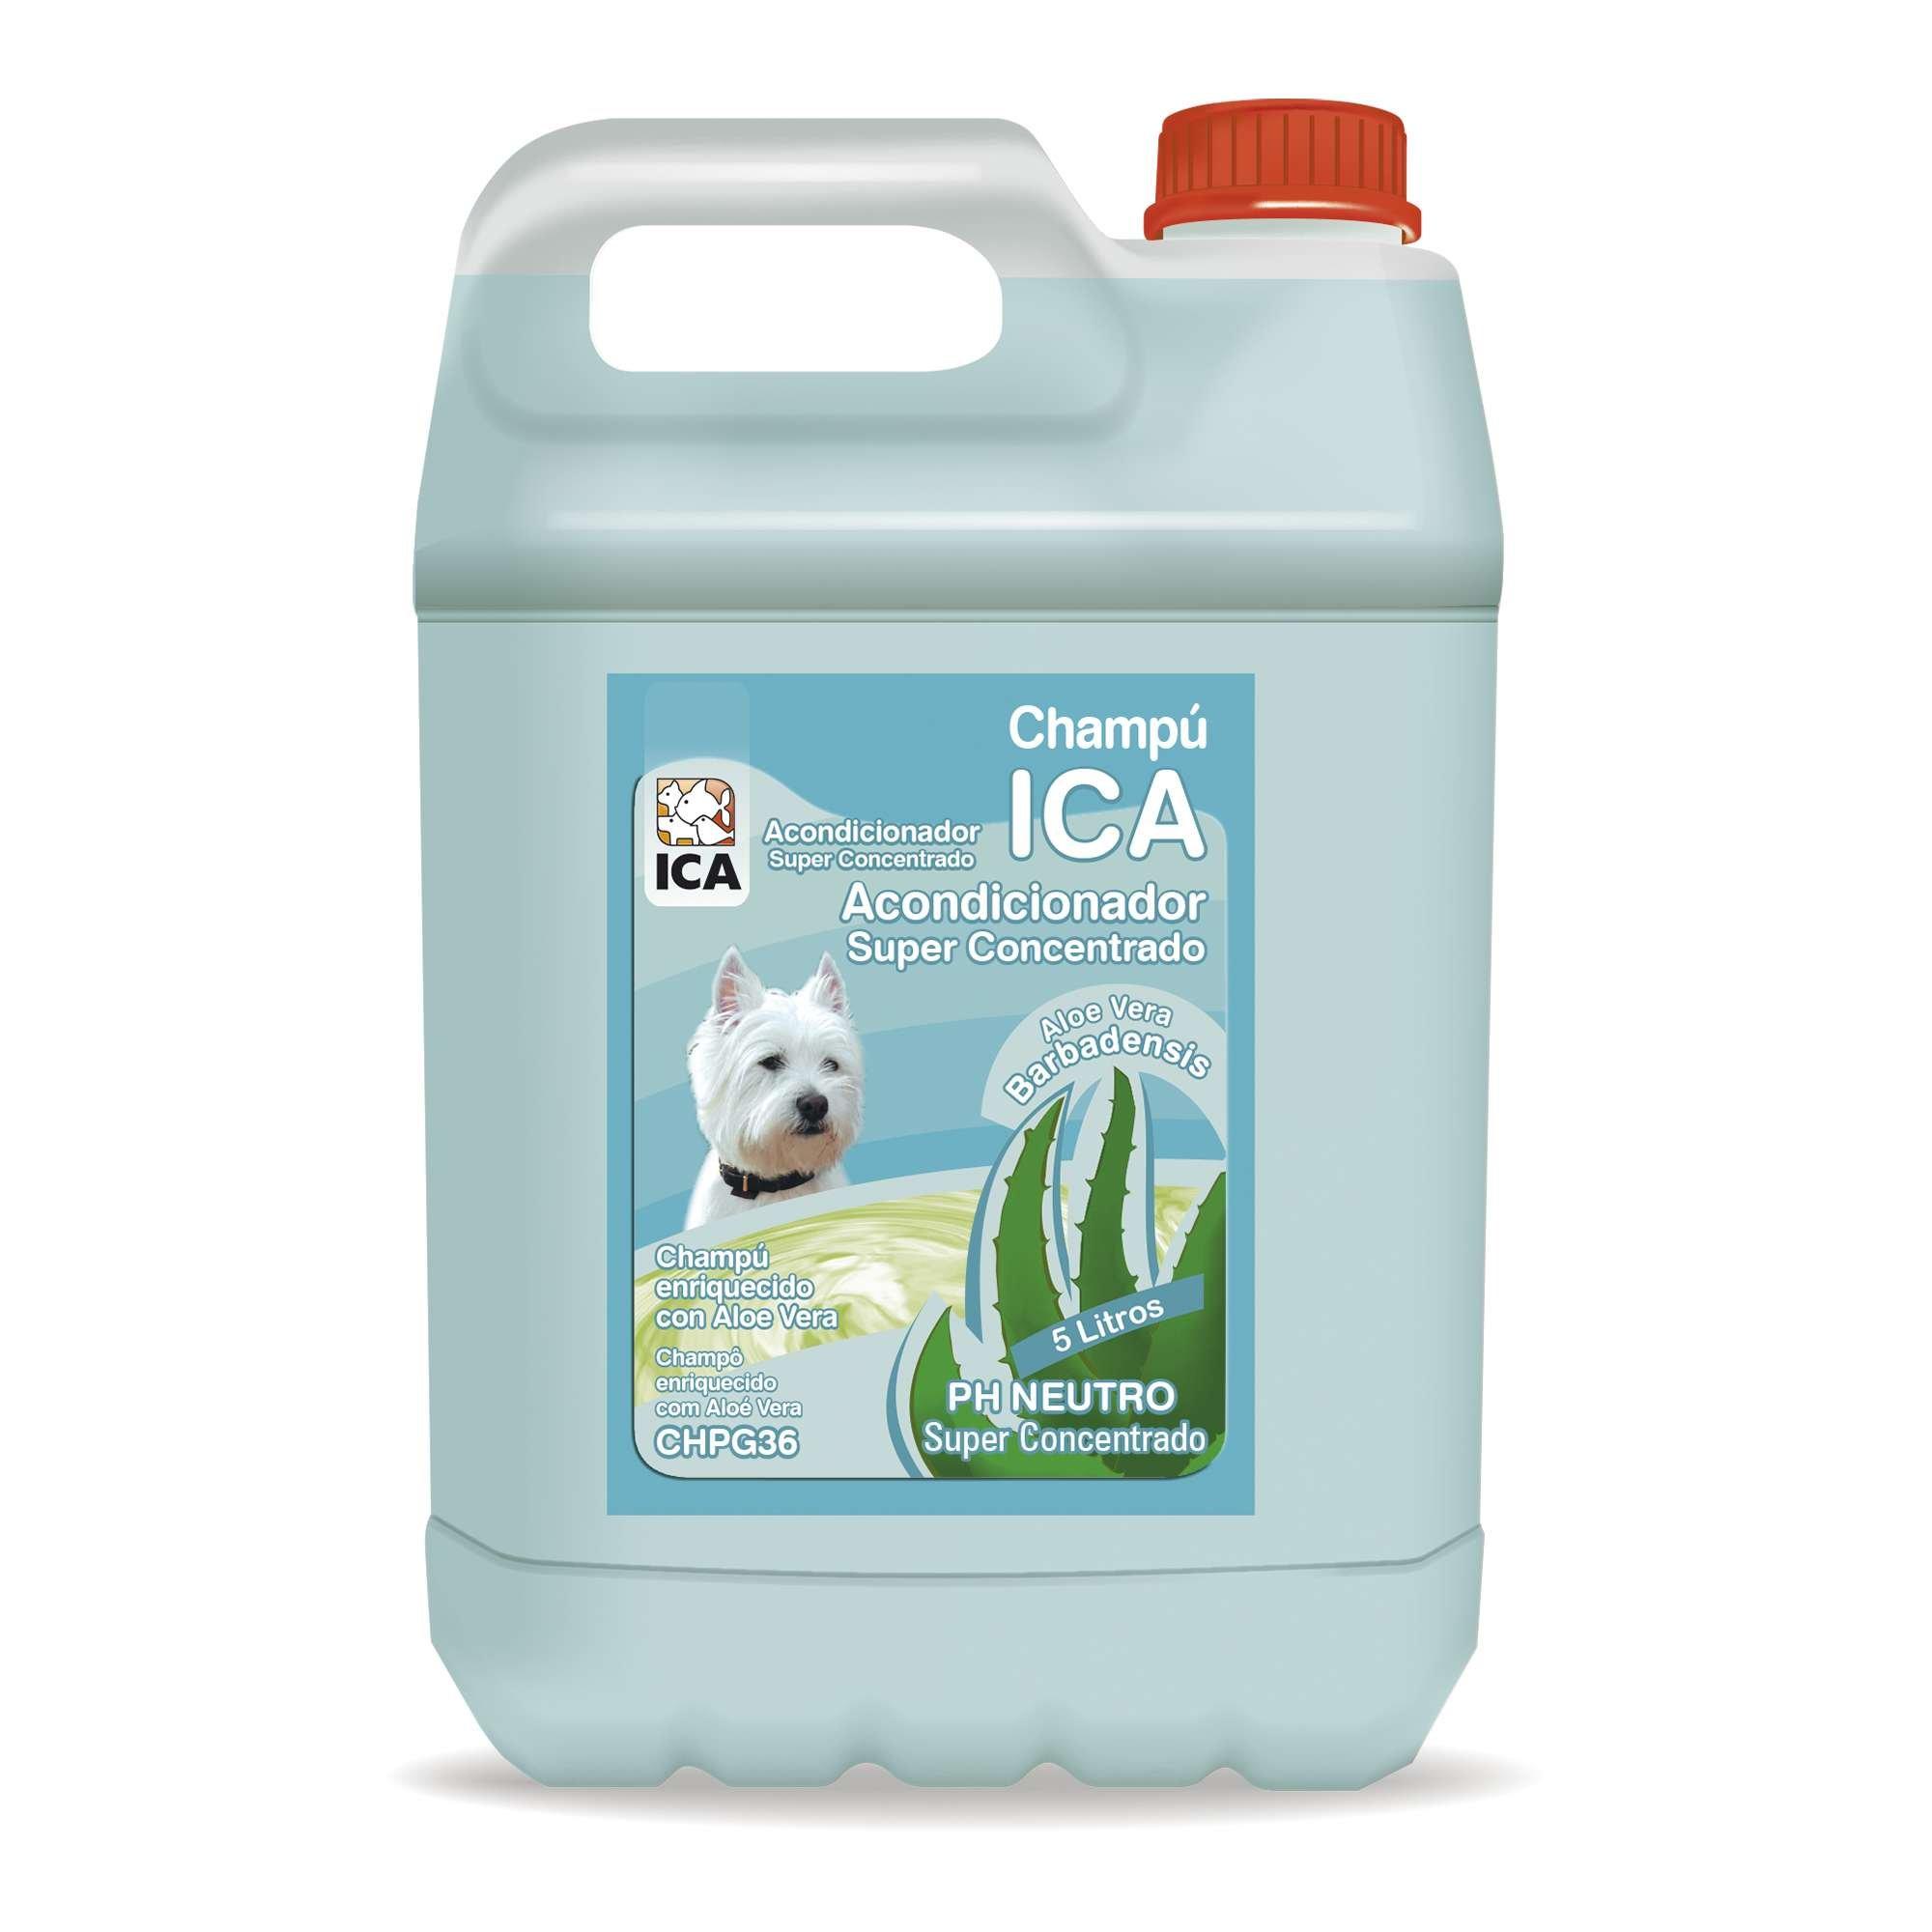 ICA chpg36Shampoo Aloe Vera Conditioner for Dogs